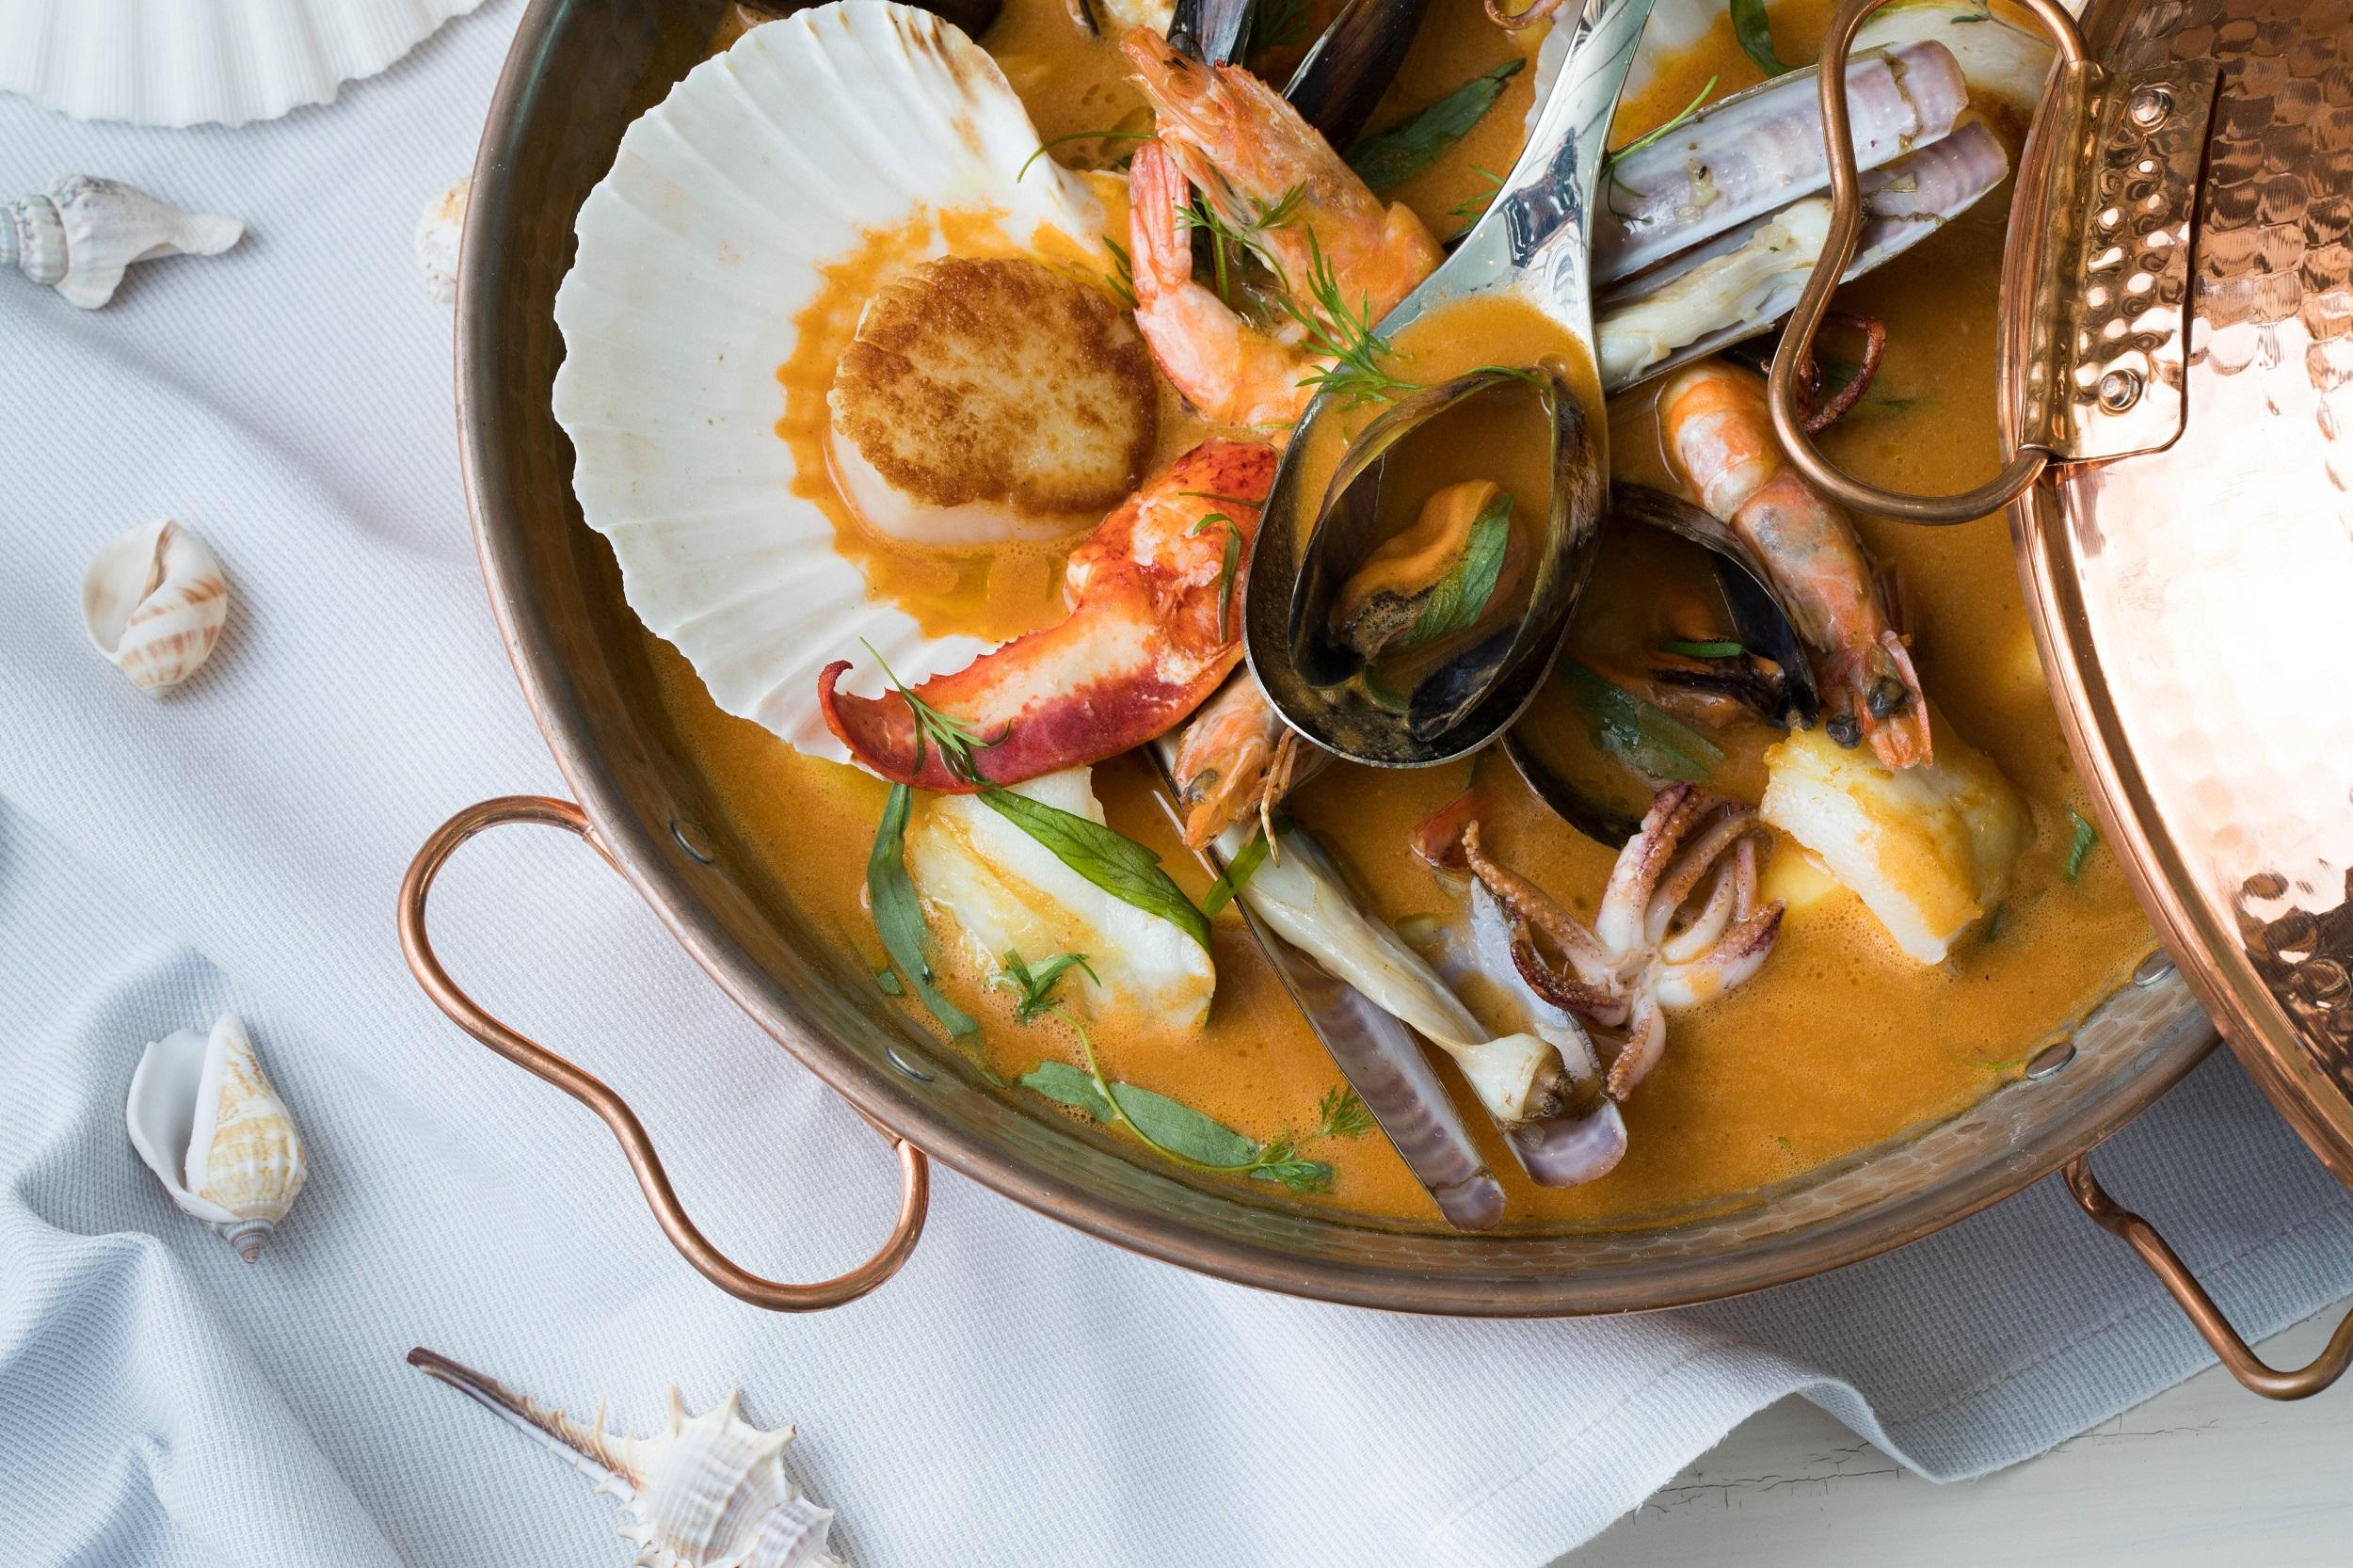 رحلة الاحتفال بالأطباق التقليدية مع مطعم بيير شيك